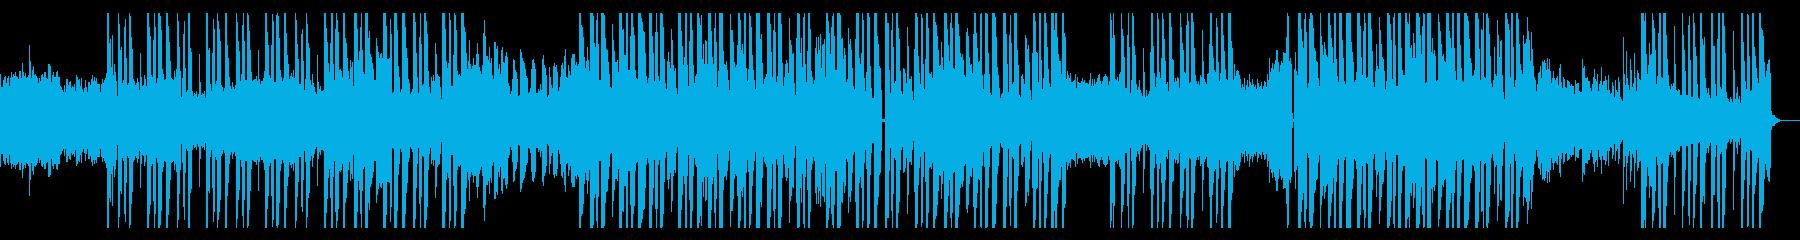 メロディアスなギターLofiヒップホップの再生済みの波形